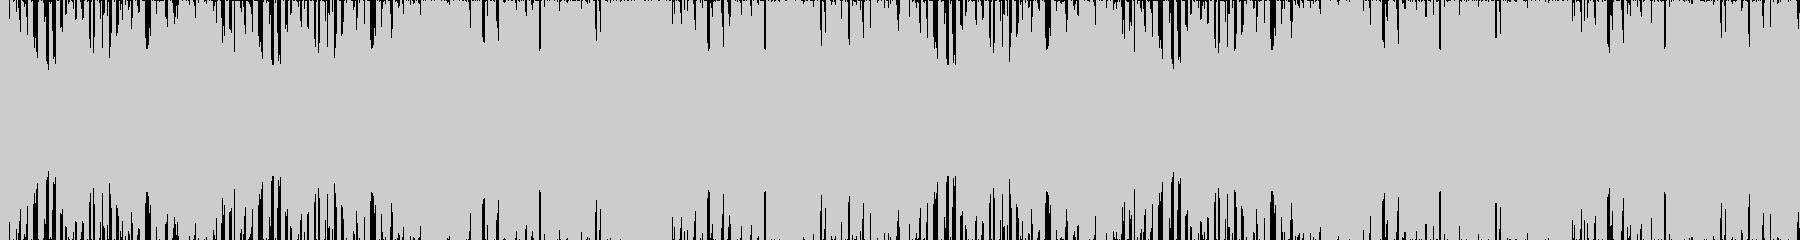 ゲームBGMピコピコ楽しいフィーバー状態の未再生の波形